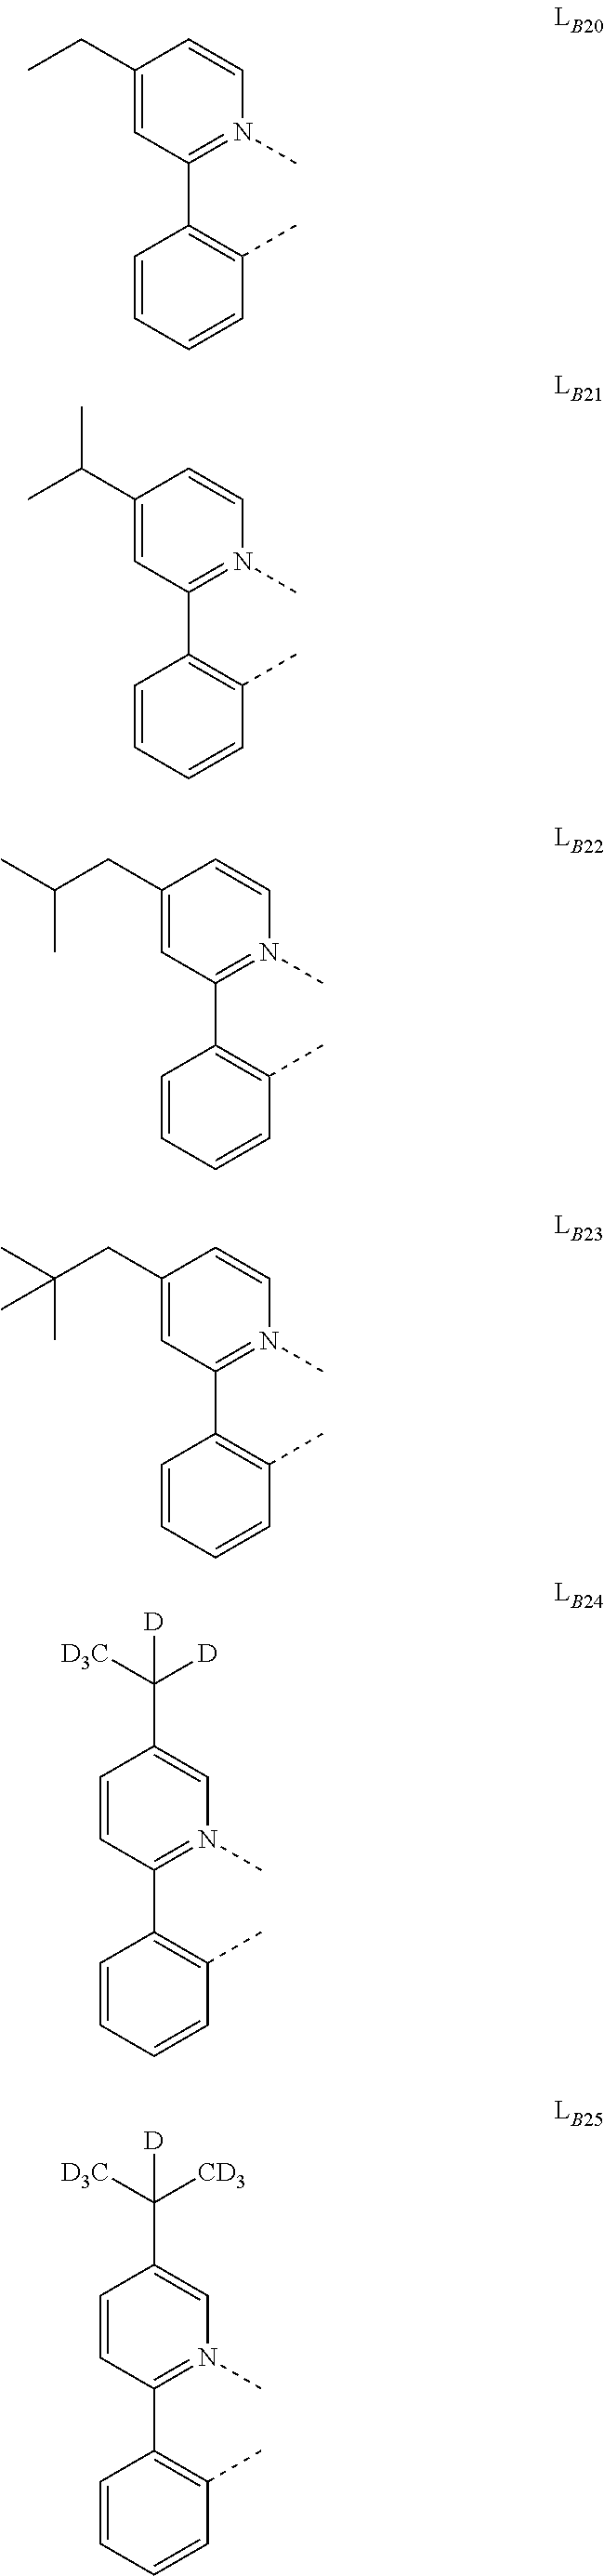 Figure US20180130962A1-20180510-C00070